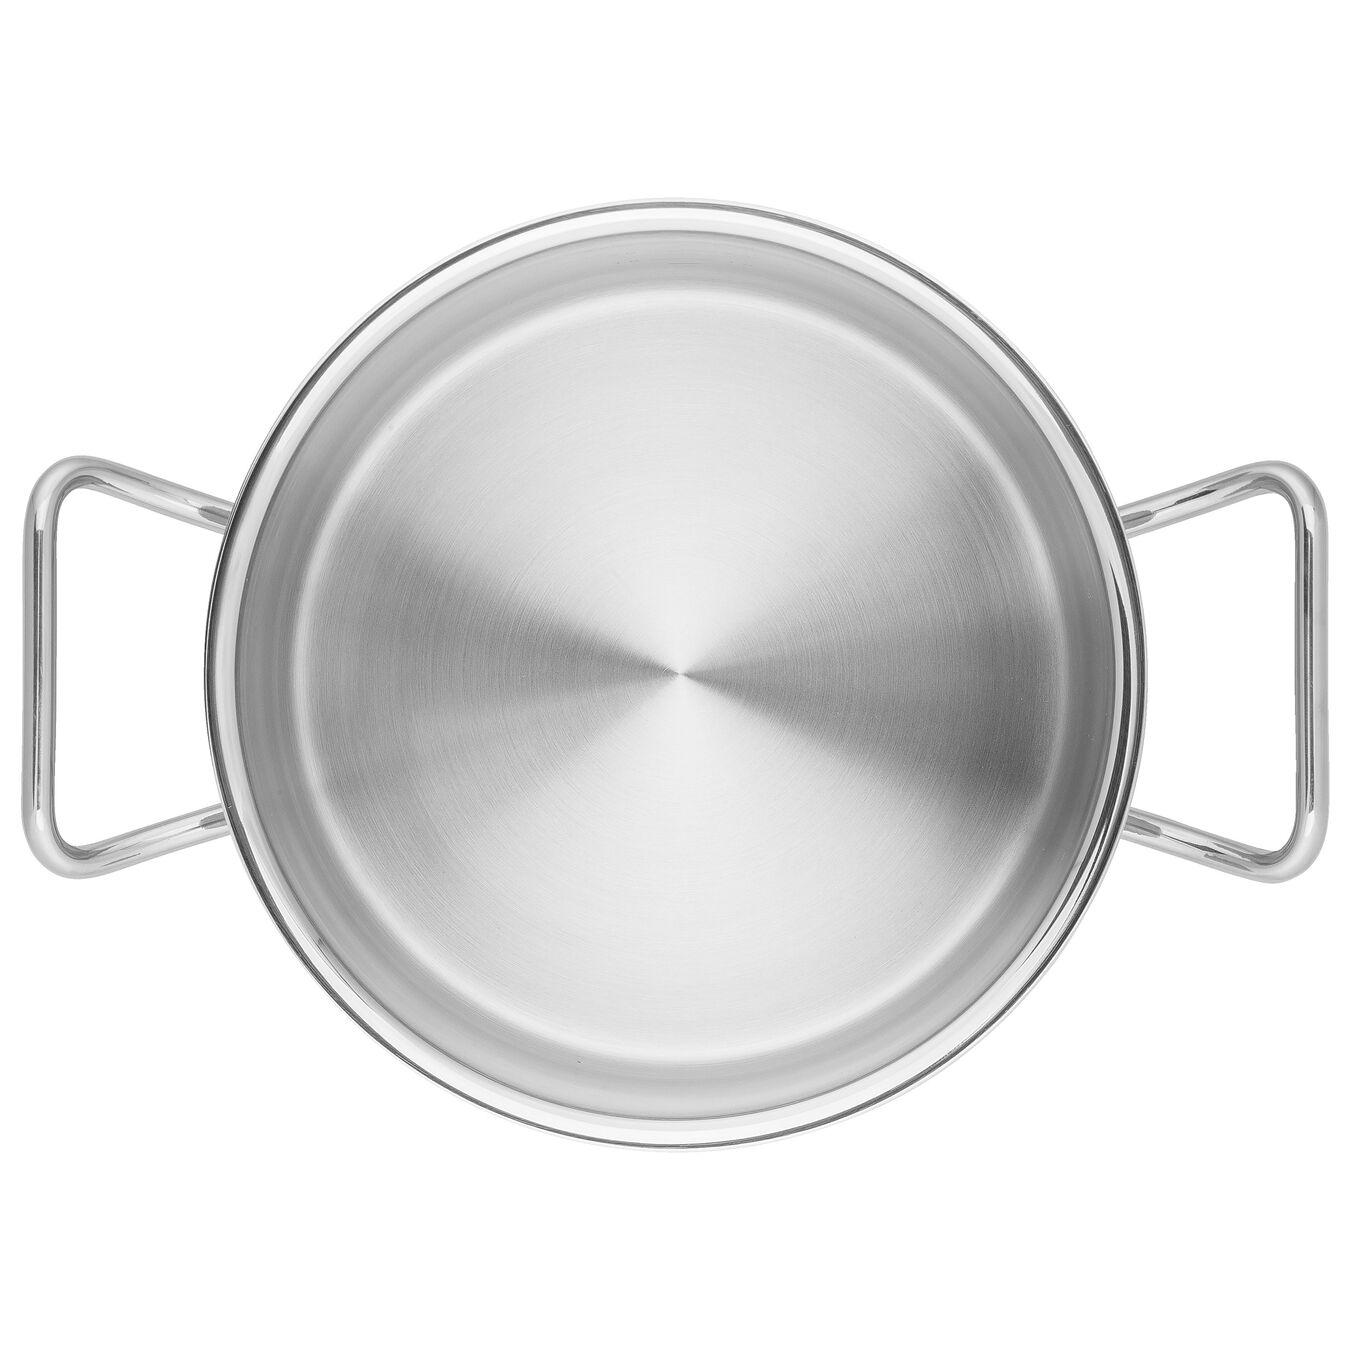 Set di pentole - 5-pz., acciaio,,large 6